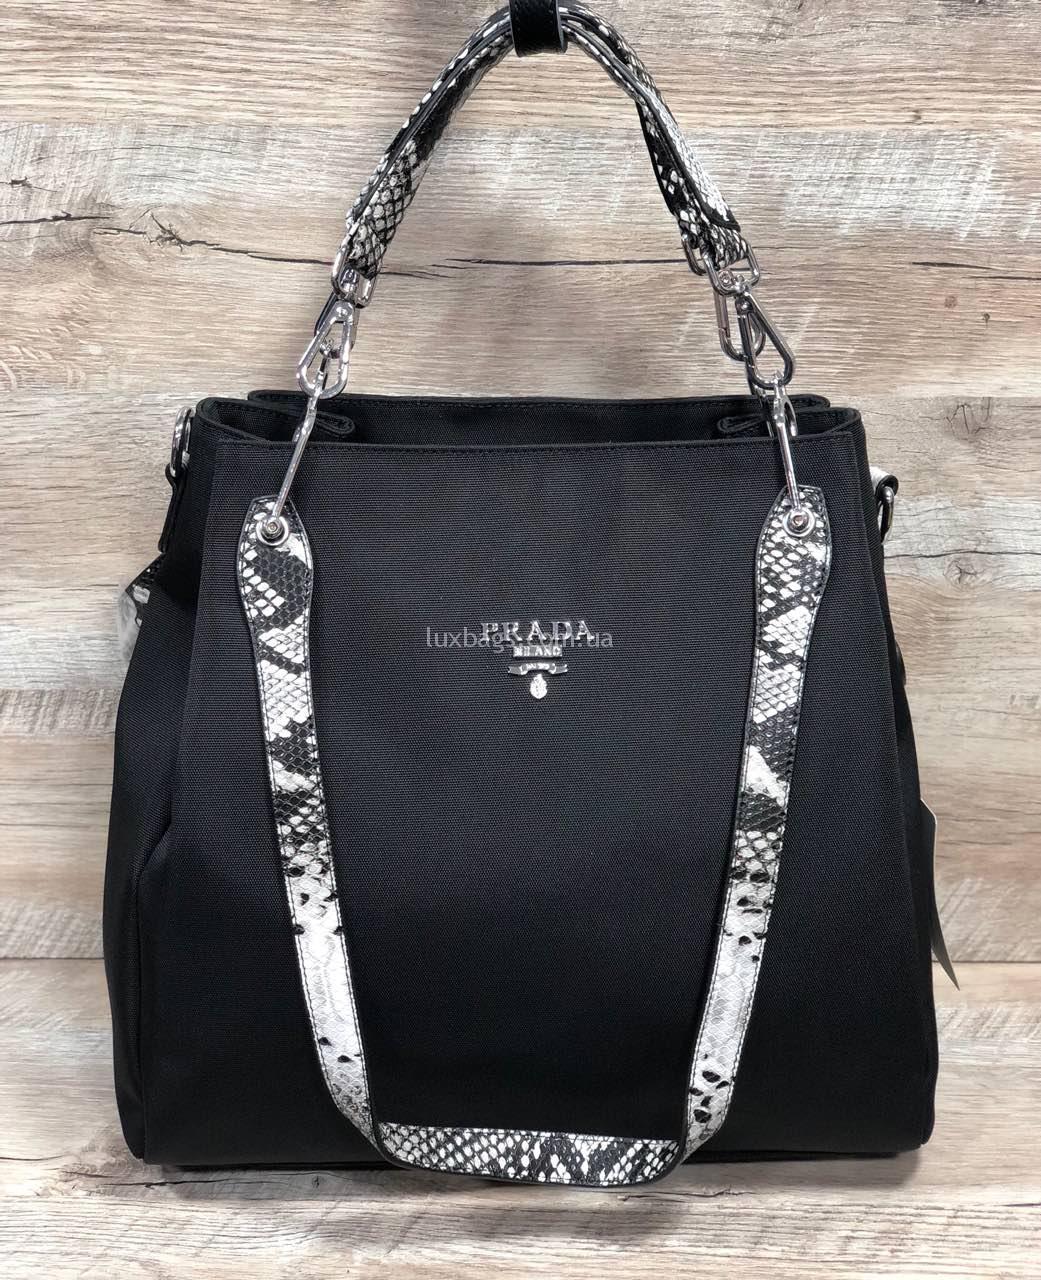 172ec63c778e Женская сумка из плащевка Prada Прада Купить на lux-bags